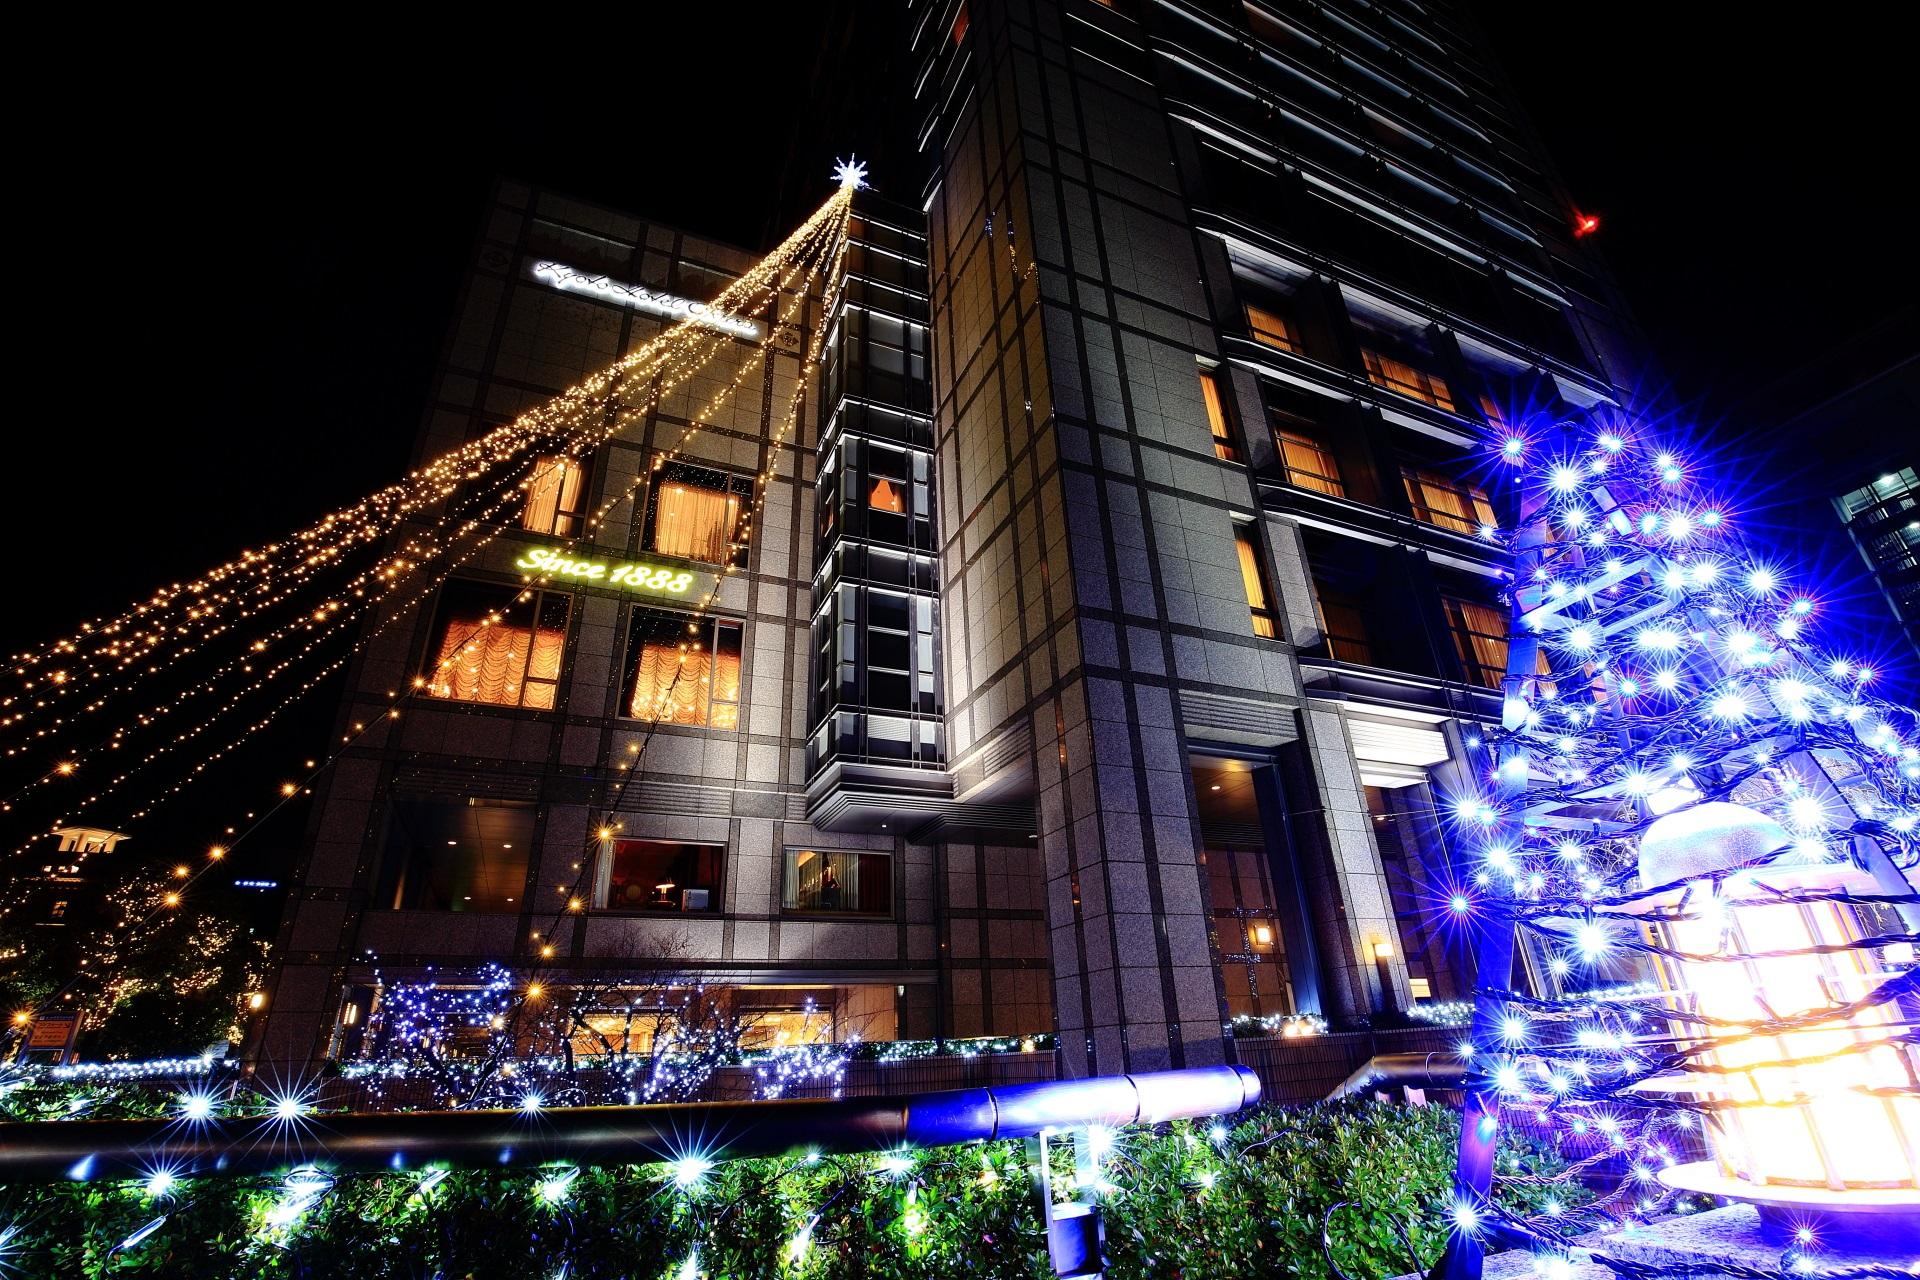 建物からつながる光の線で作るクリスマスツリー